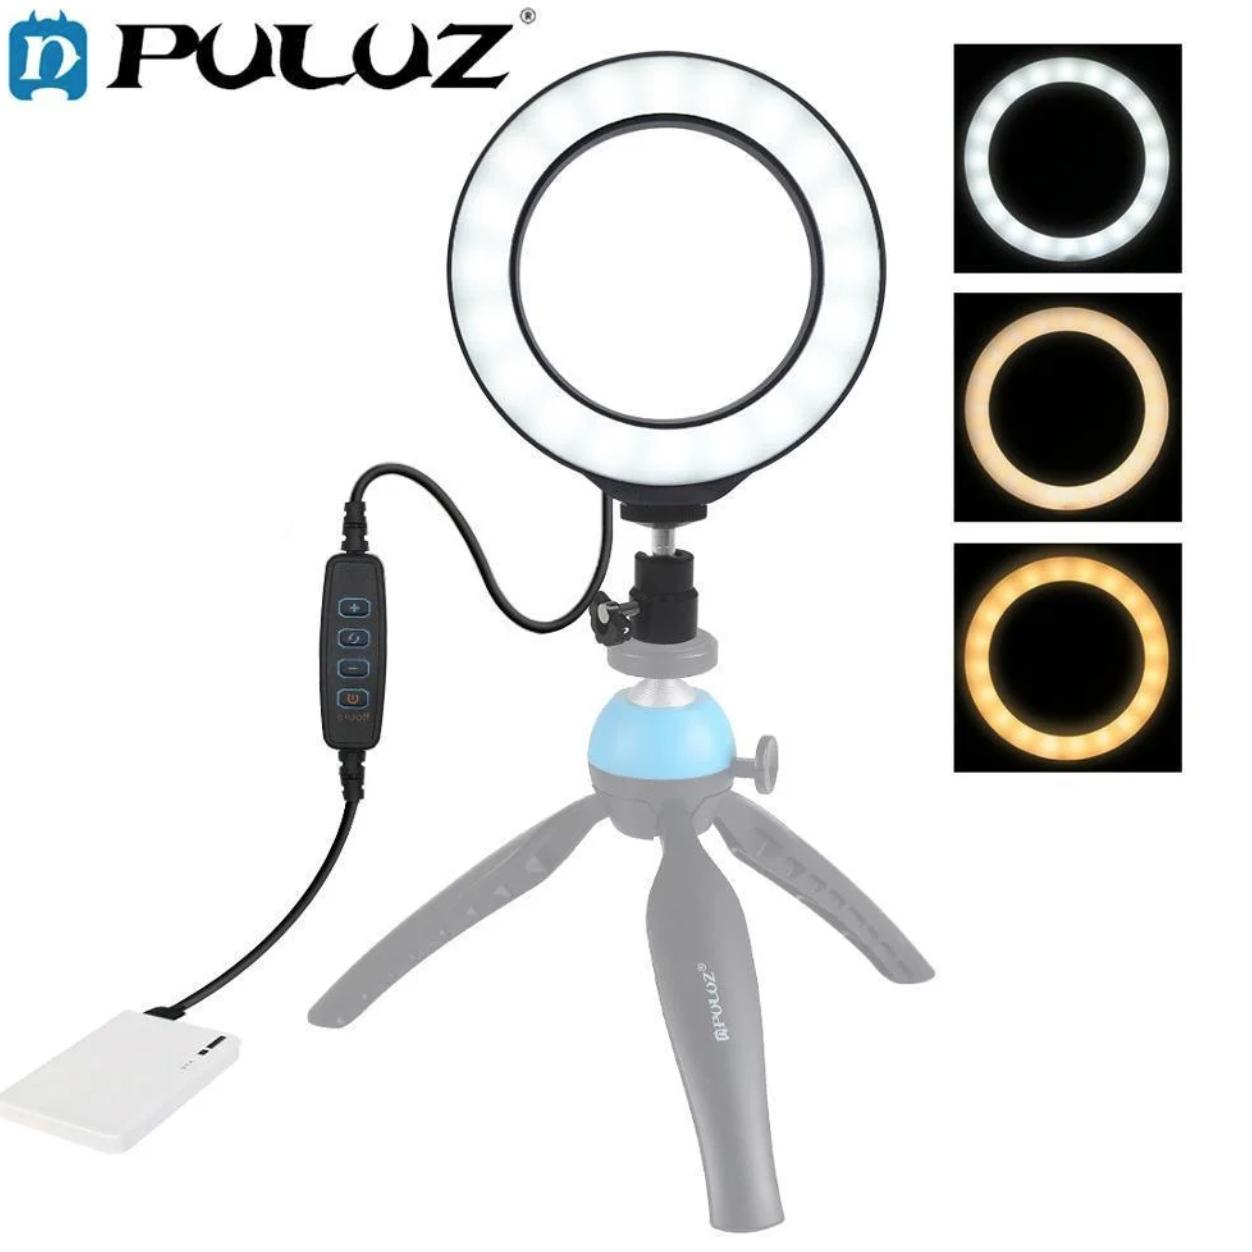 Кільцева лампа для б'юті майстрів і блогерів (16 см. діаметр) - БЕЗ ШТАТИВА! (світлове кільце)